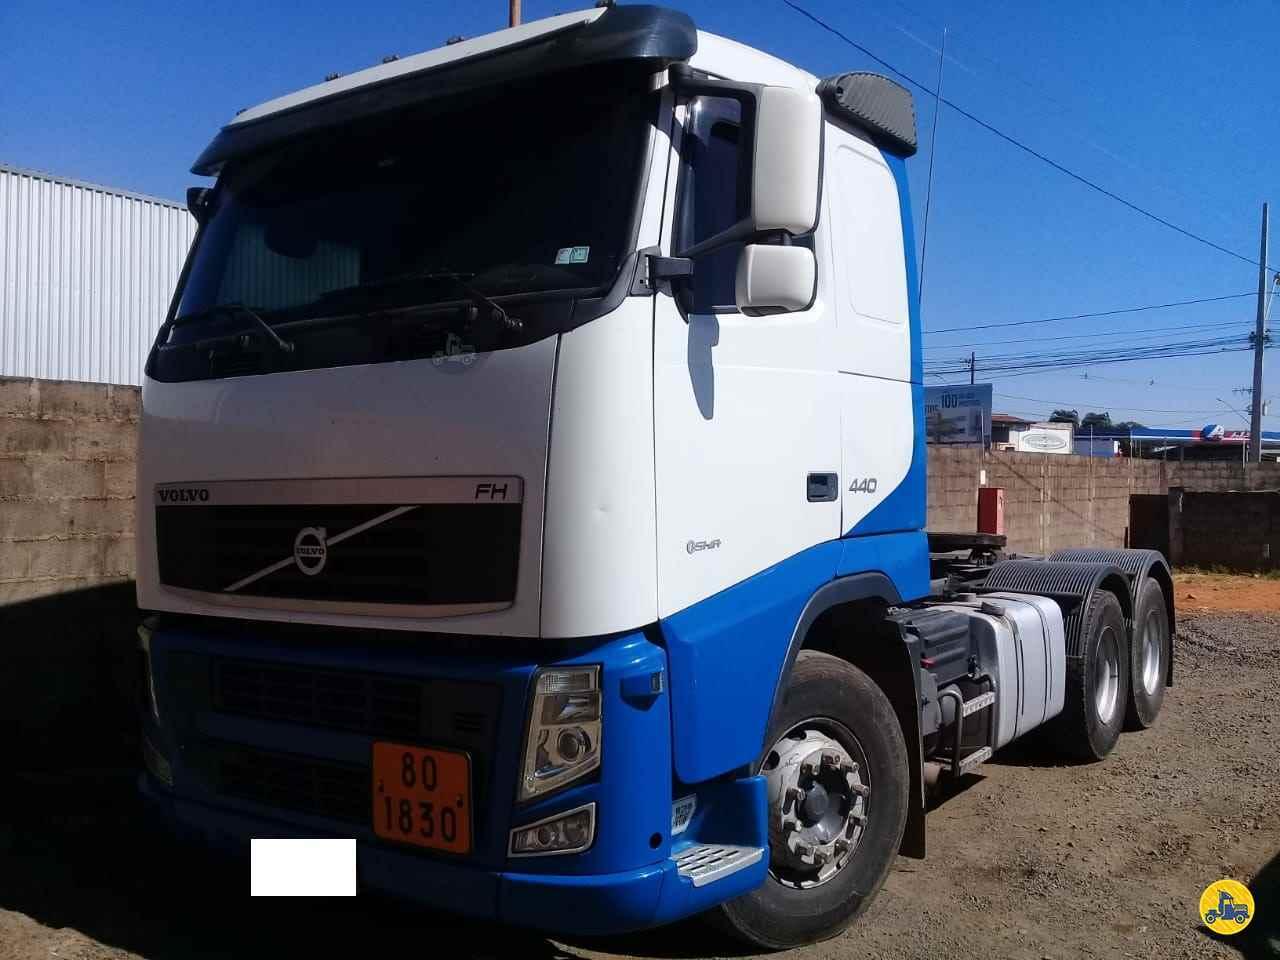 CAMINHAO VOLVO VOLVO FH 440 Cavalo Mecânico Truck 6x2 RB Caminhões & Financiamentos ARAGUARI MINAS GERAIS MG